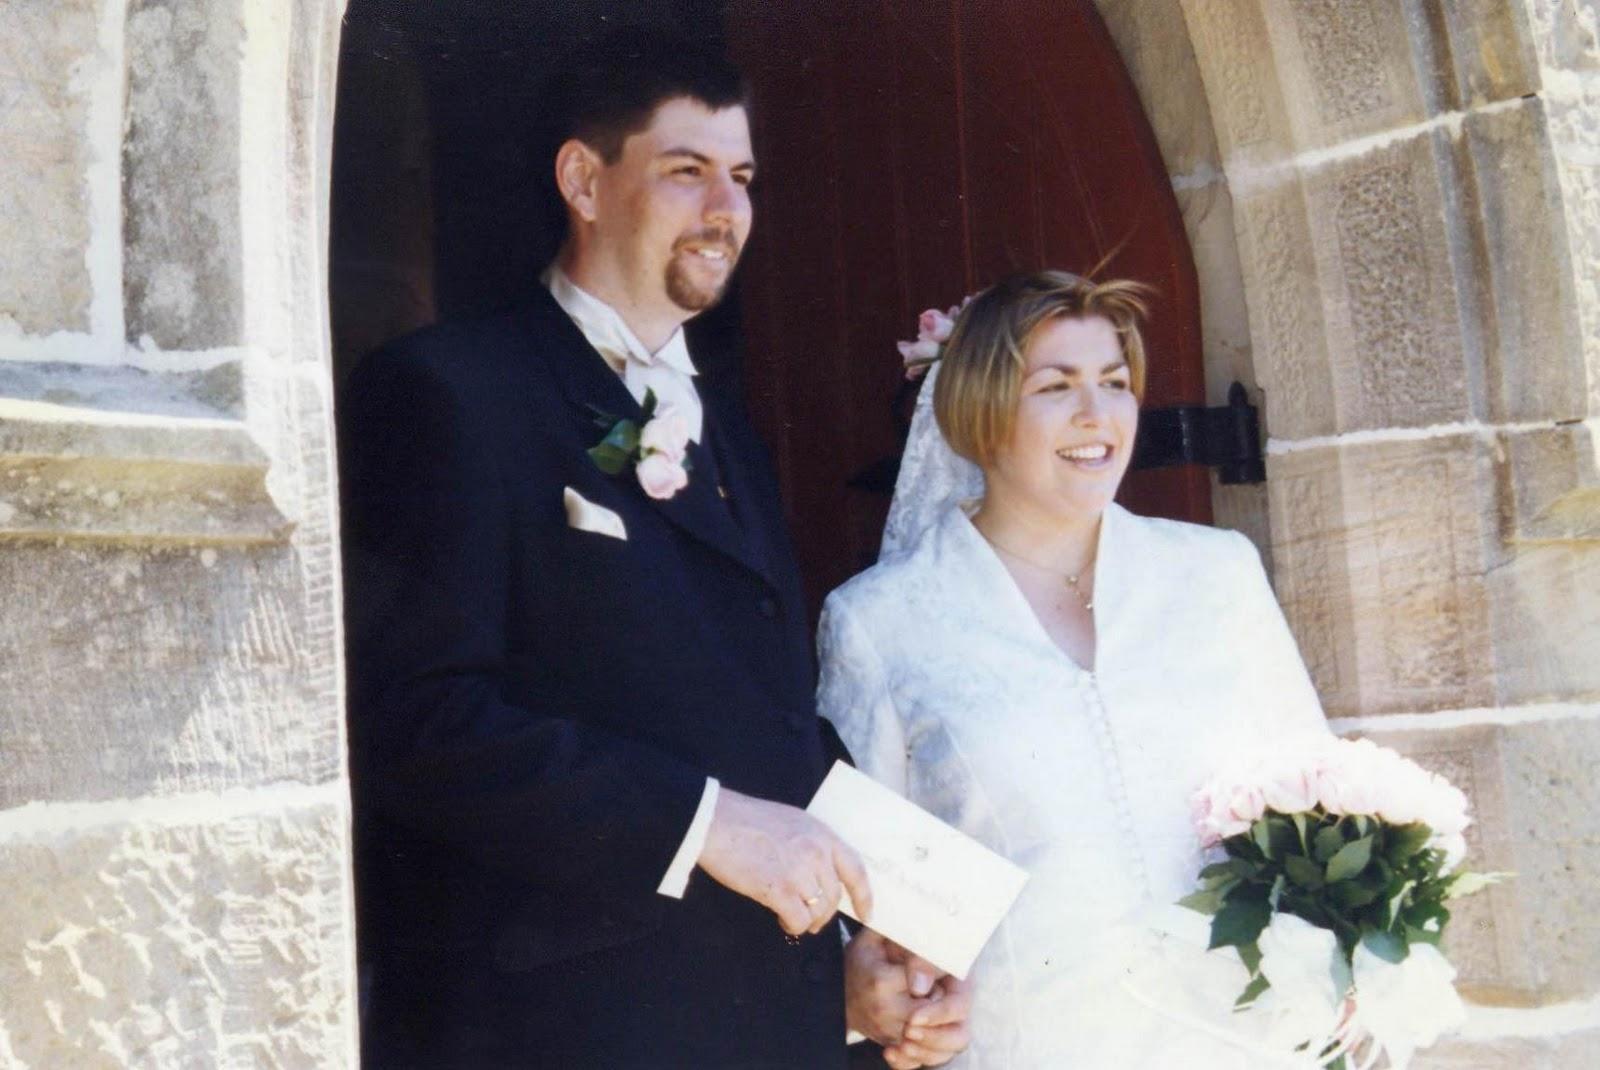 11 October 1997